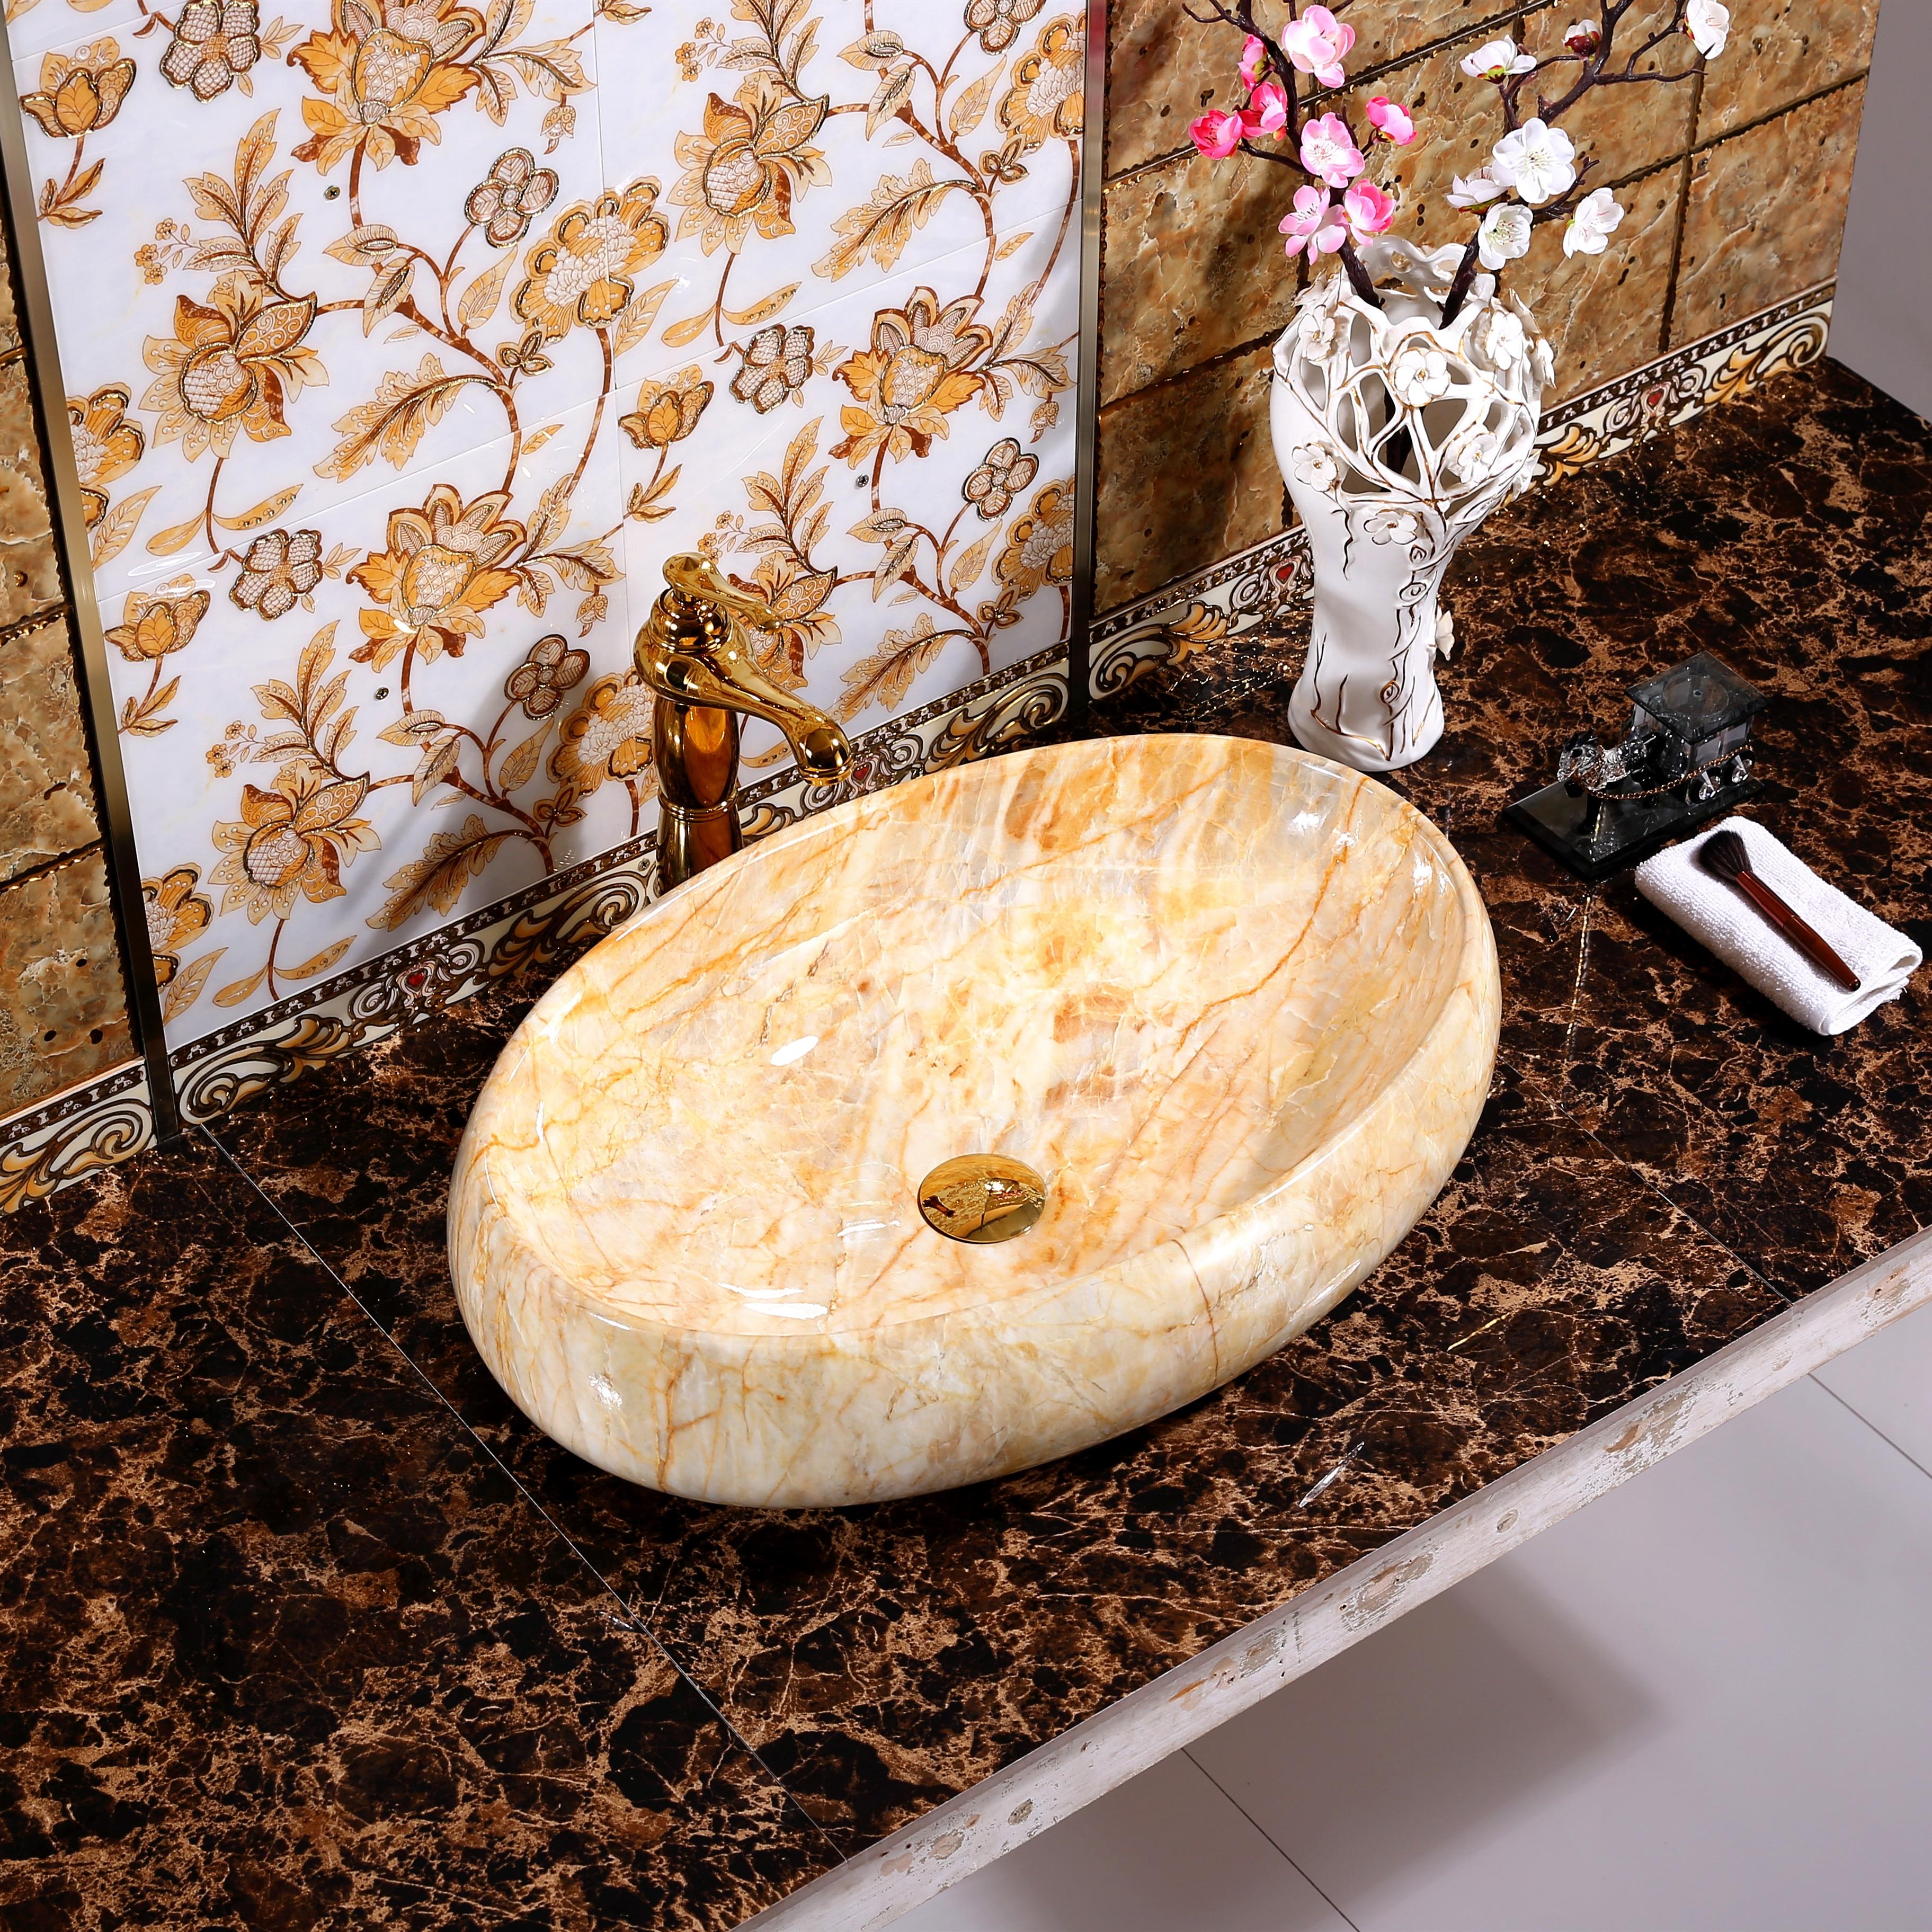 Ellipse évier en céramique Art bassin maison comptoir lavabo ménage salle de bains évier lavabo avec égouttoir